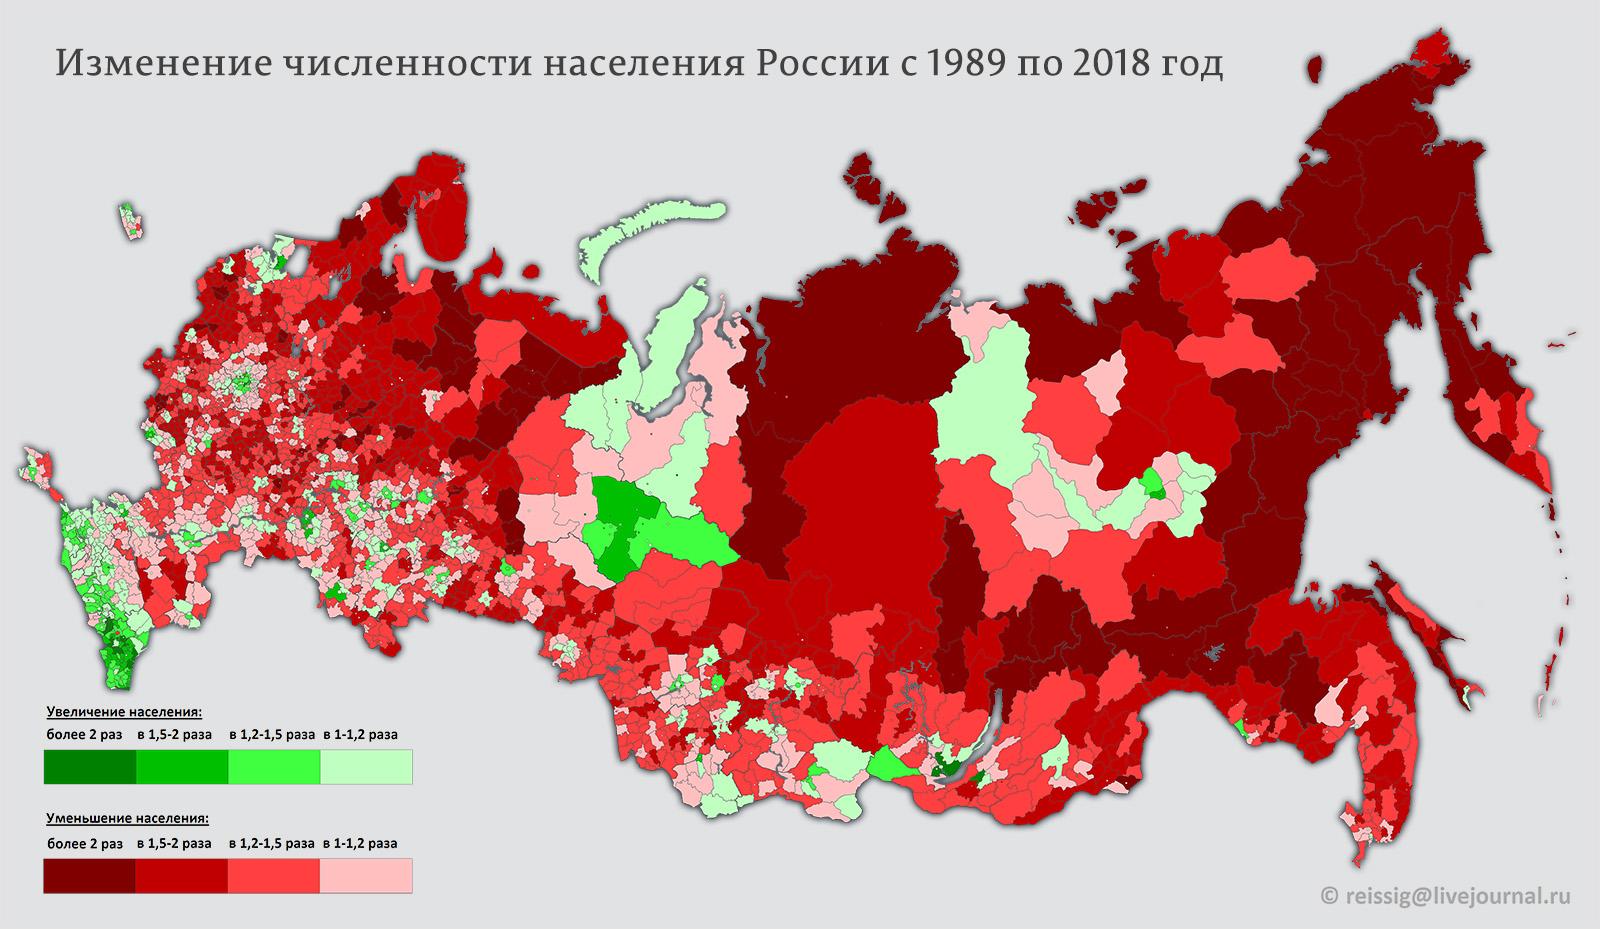 Изменение численности населения с 1989 по 2018 год